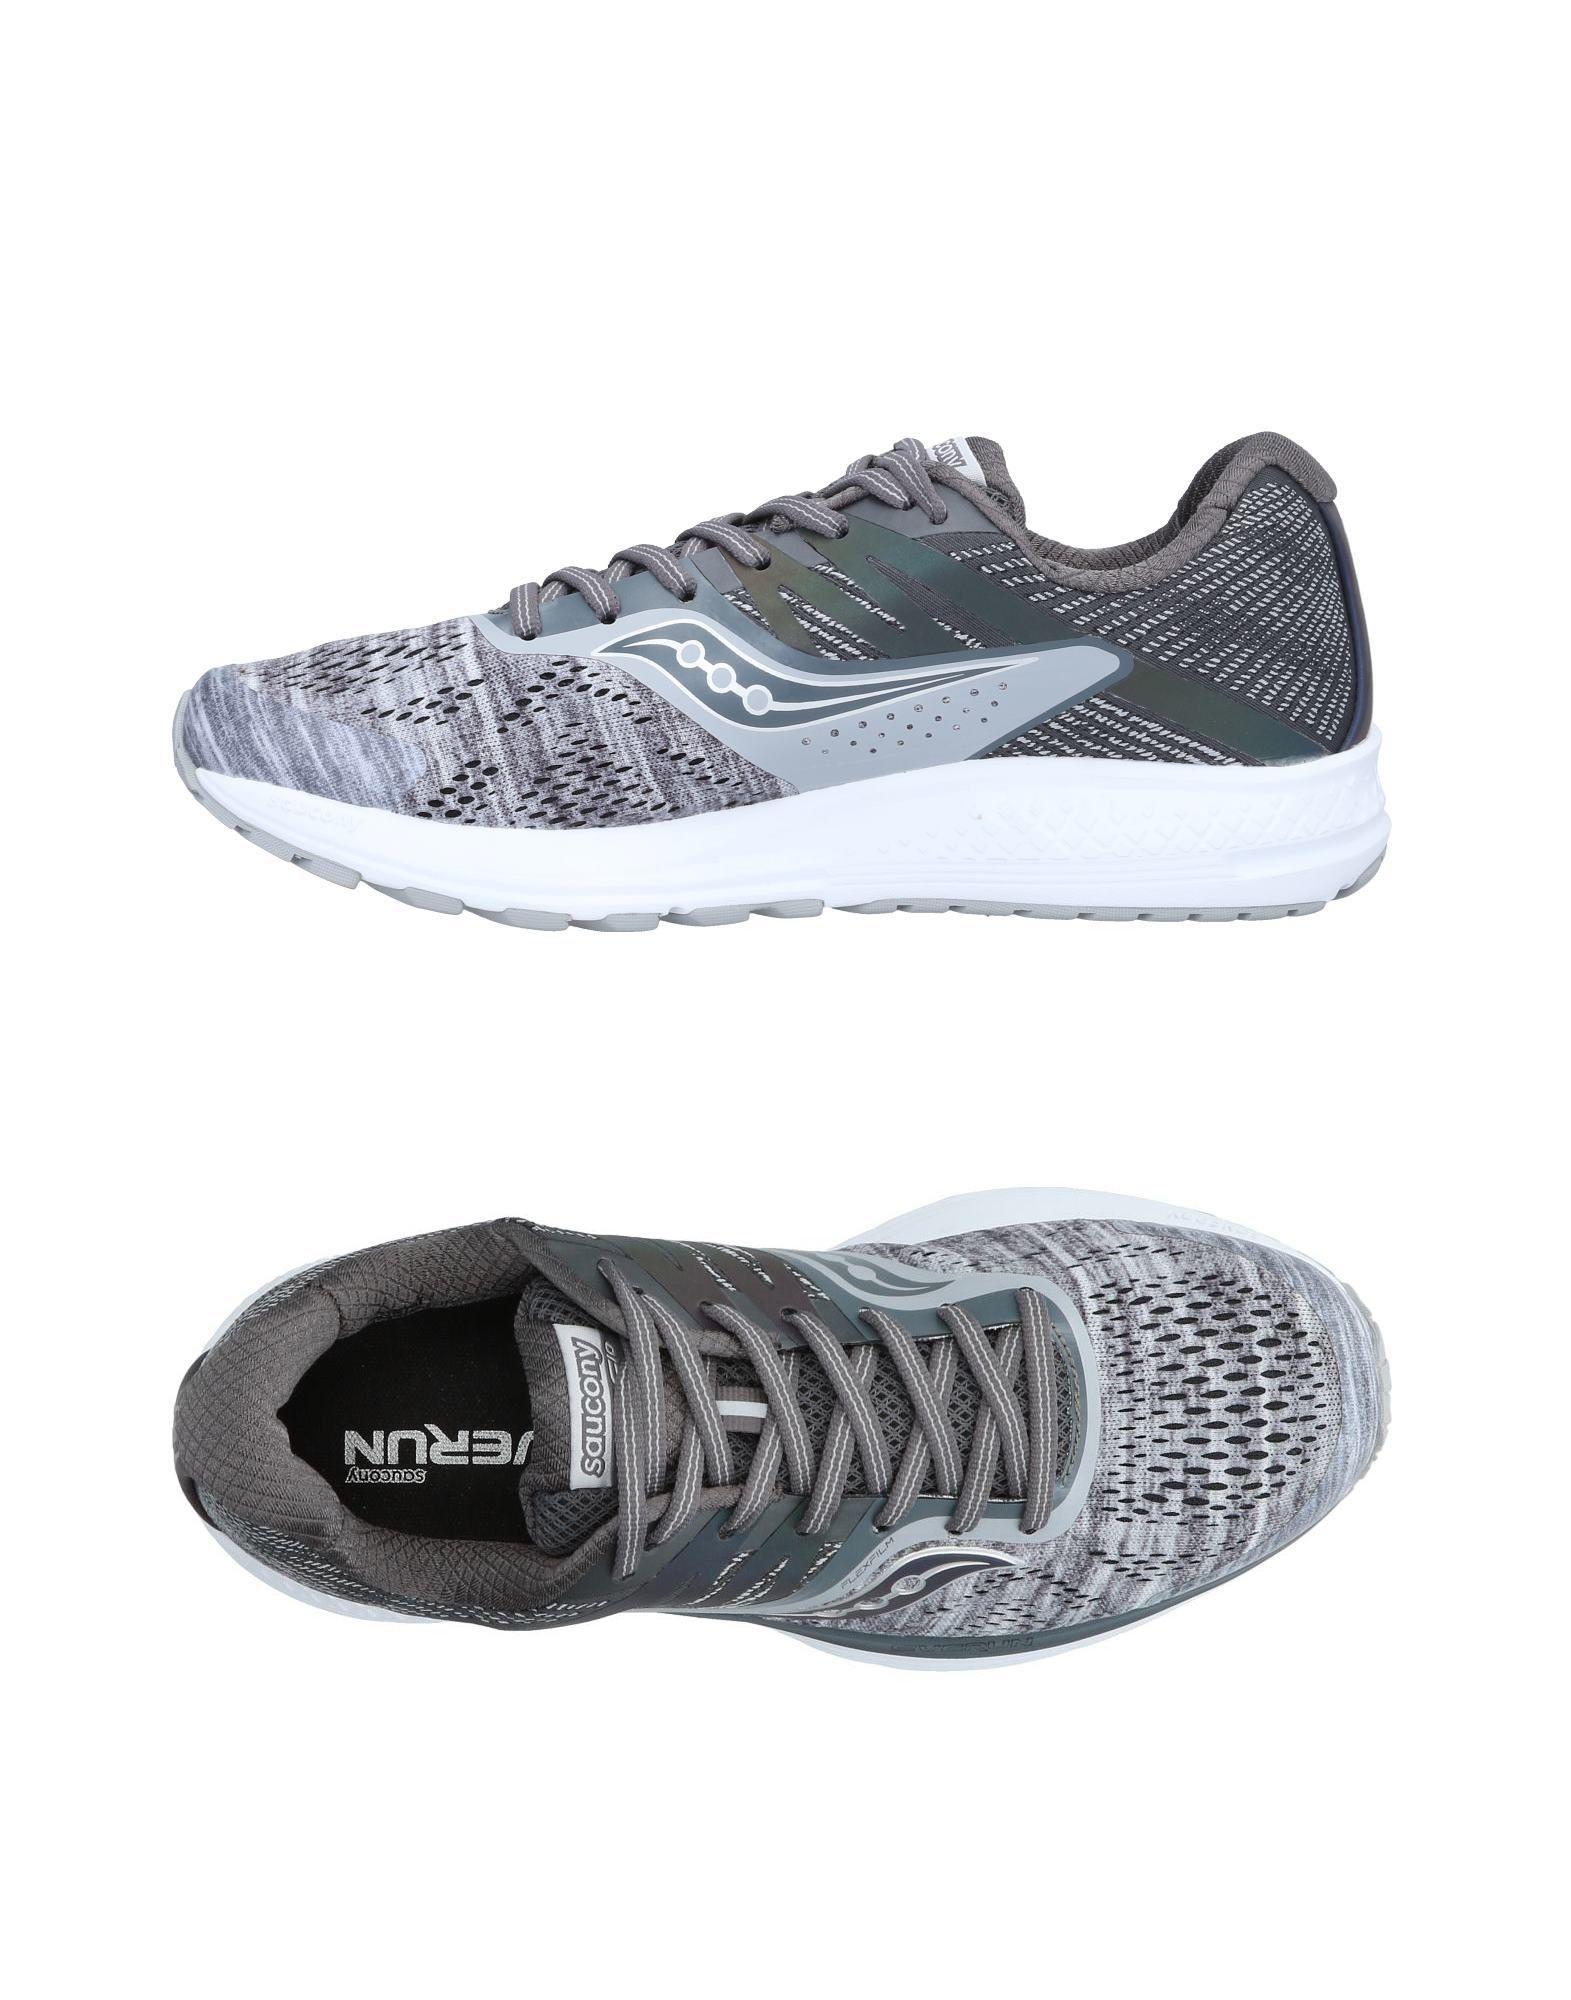 Rabatt echte  Schuhe Saucony Sneakers Herren  echte 11494135XH 279c37